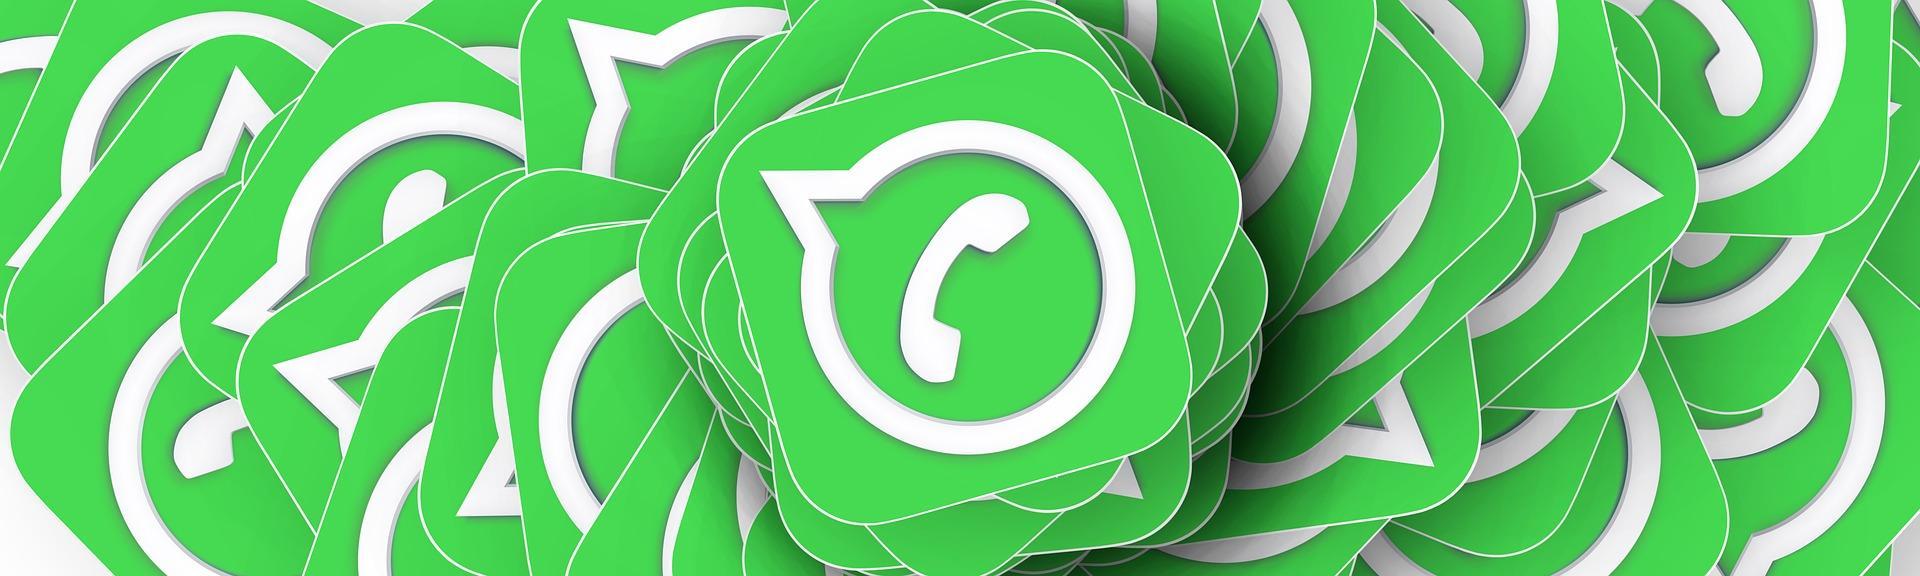 WhatsApp перестает поддерживать очередную порцию смартфонов